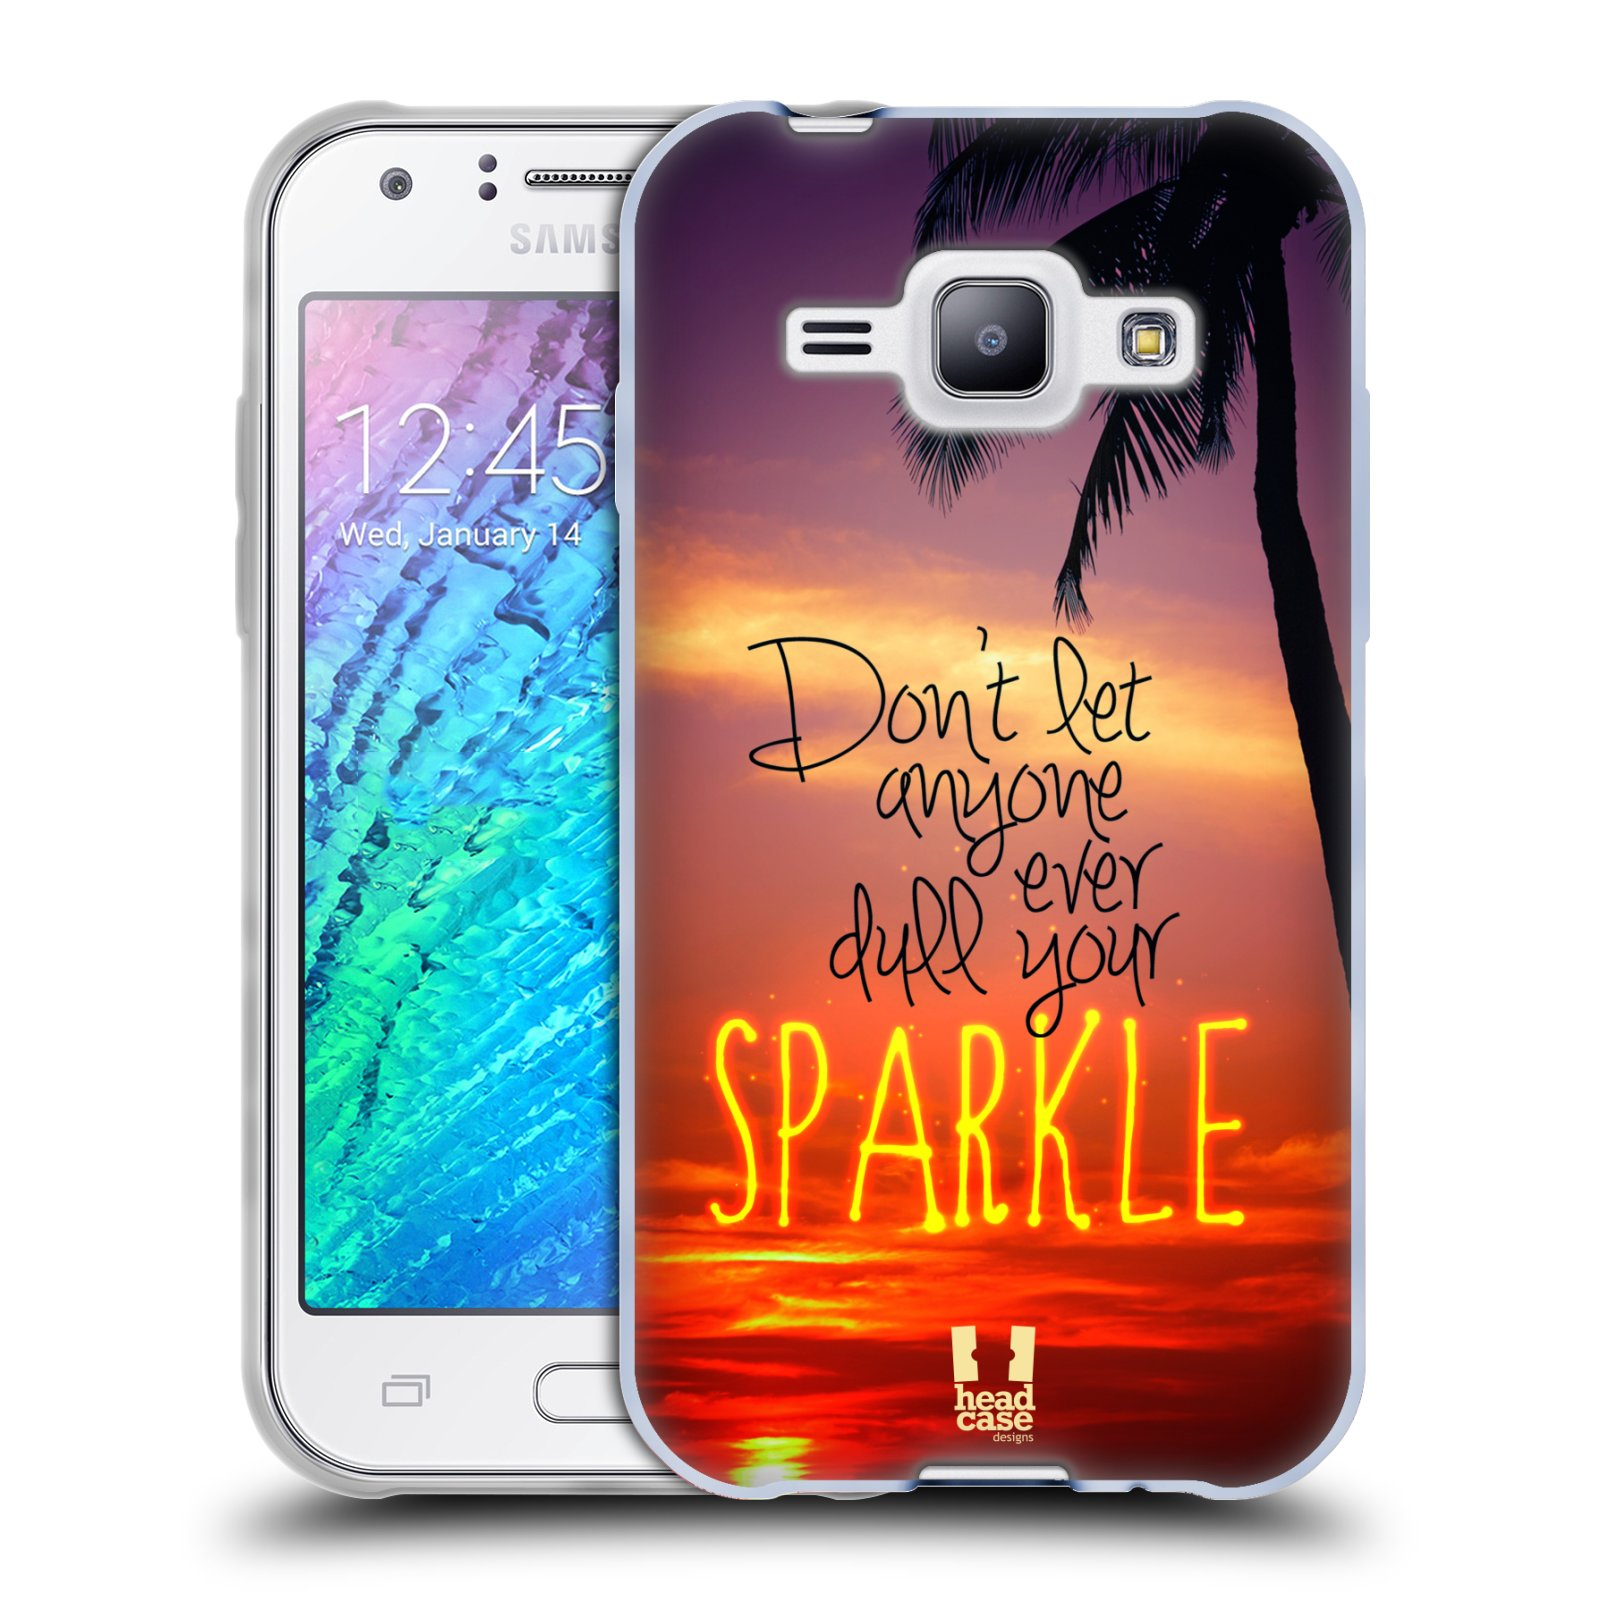 Silikonové pouzdro na mobil Samsung Galaxy J1 HEAD CASE SPARKLE (Silikonový kryt či obal na mobilní telefon Samsung Galaxy J1 a J1 Duos)